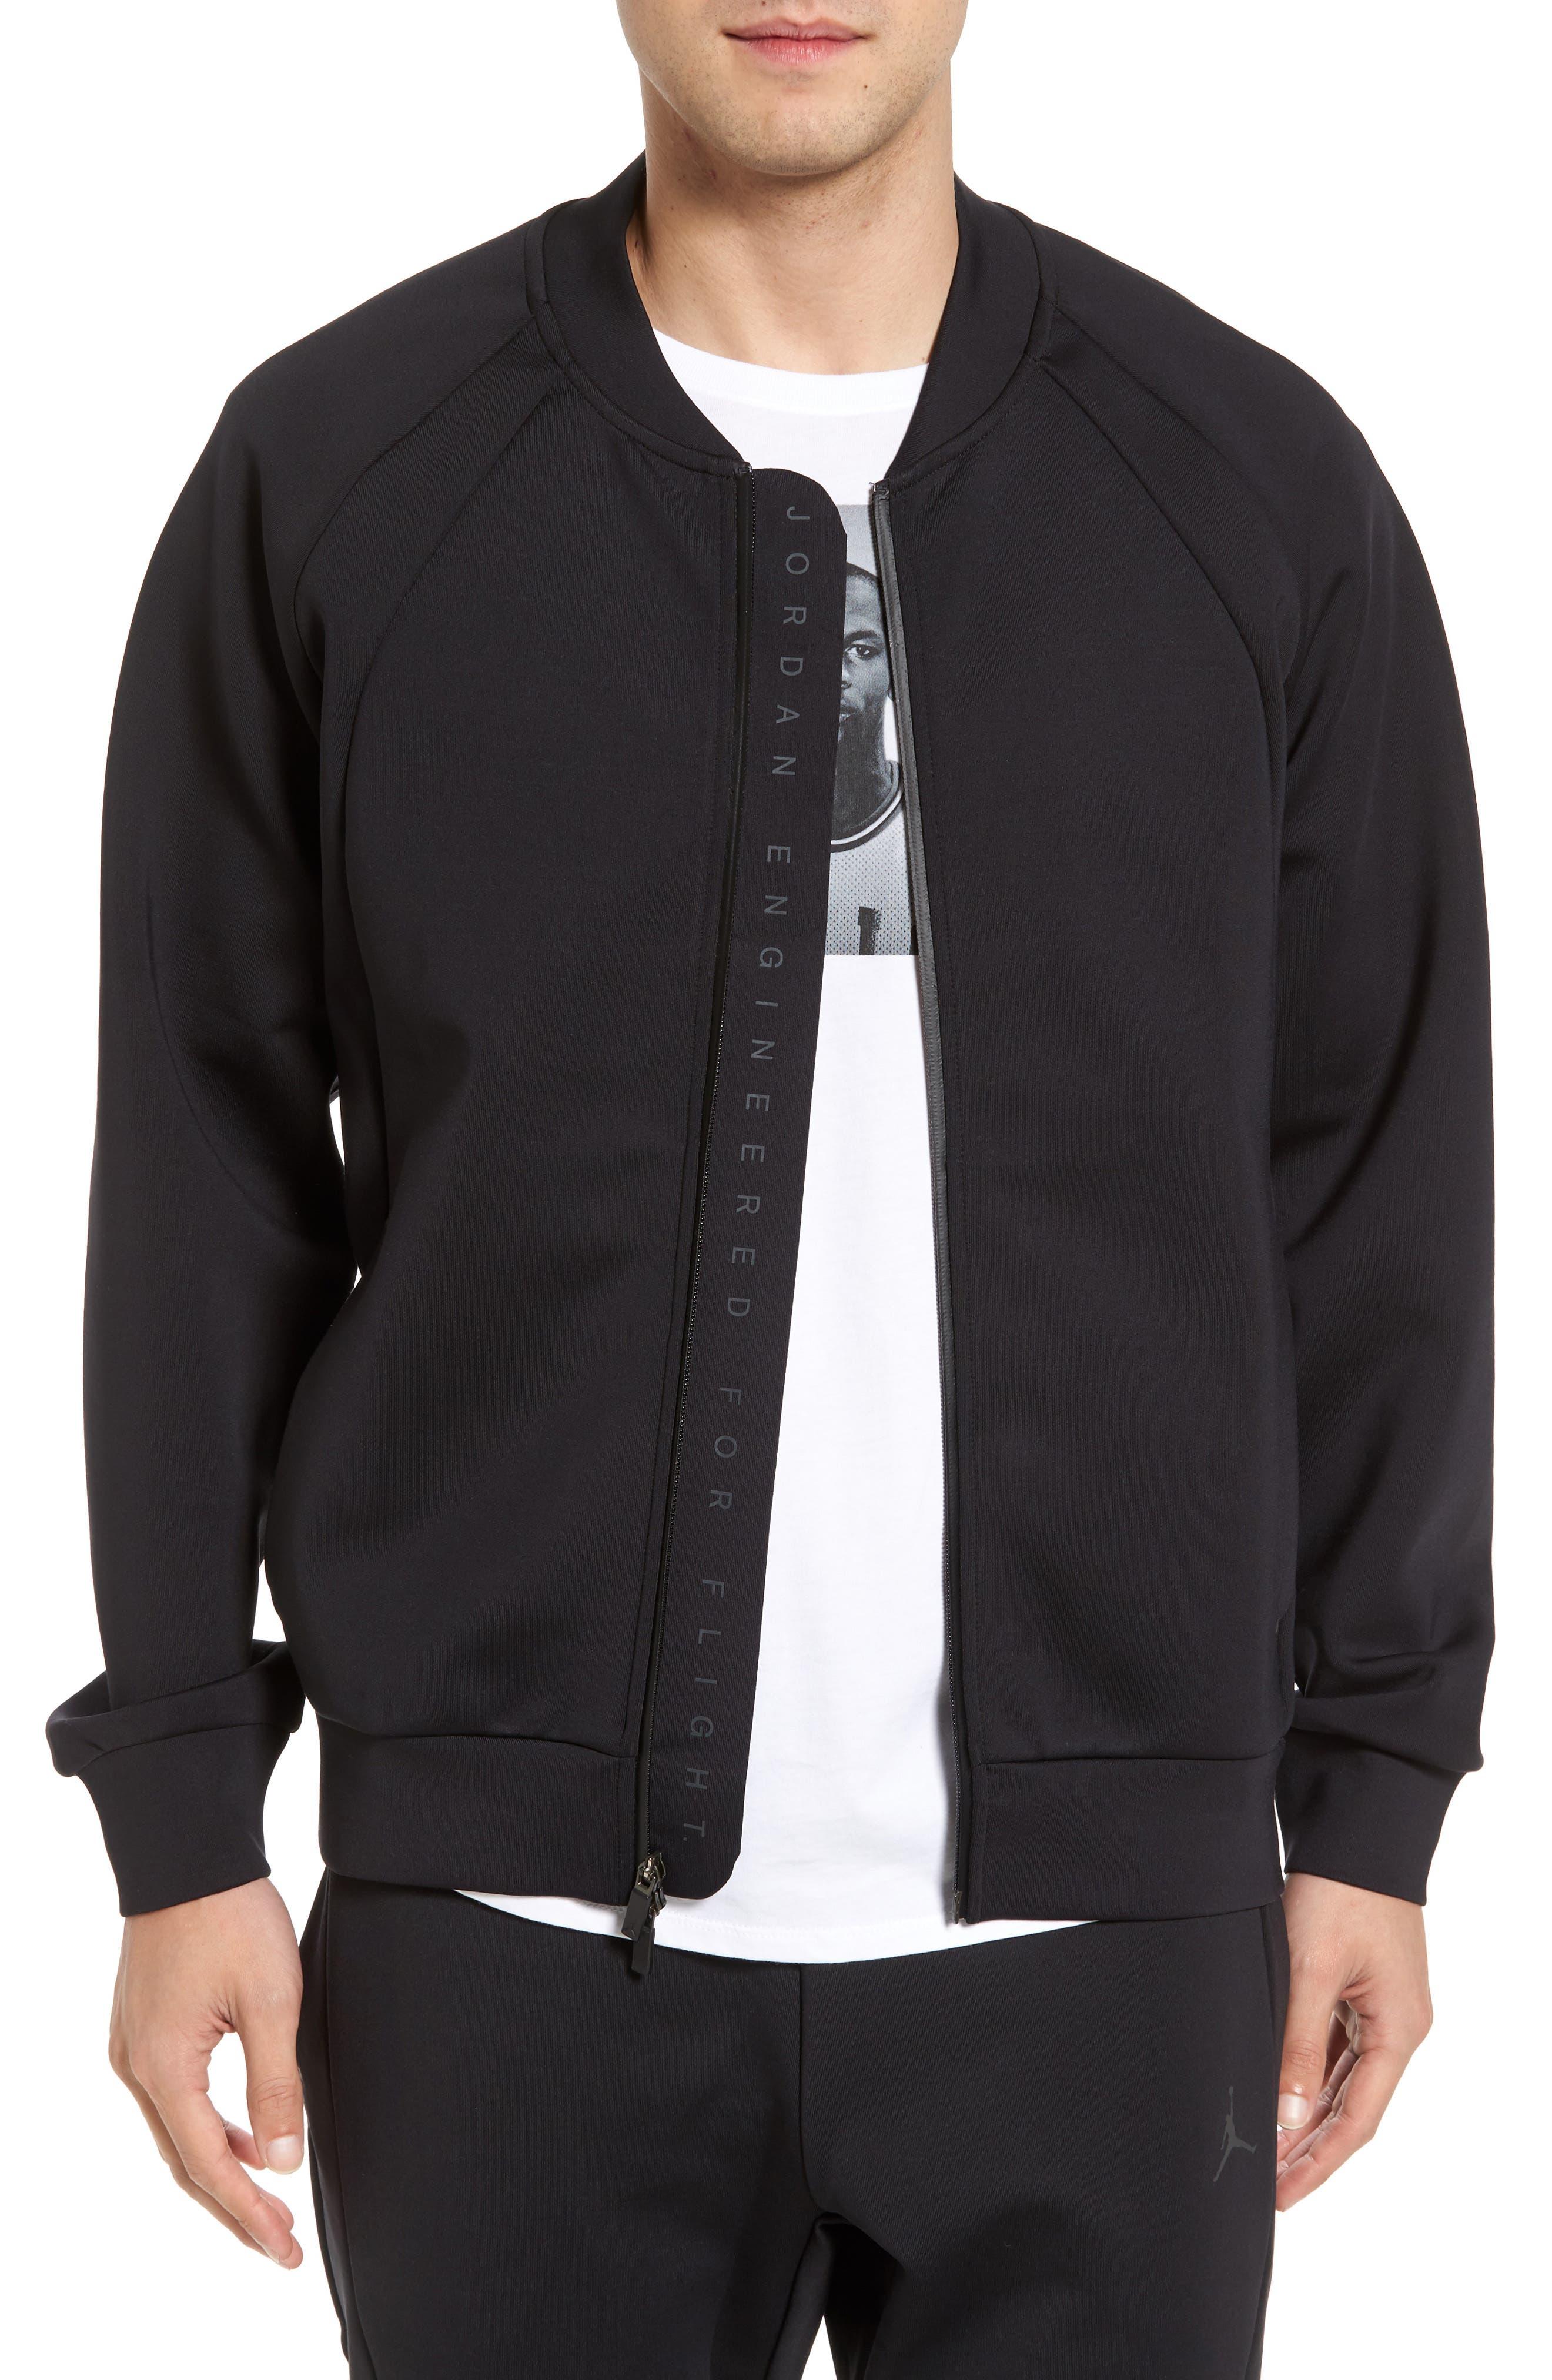 Nike Flight Tech Jacket